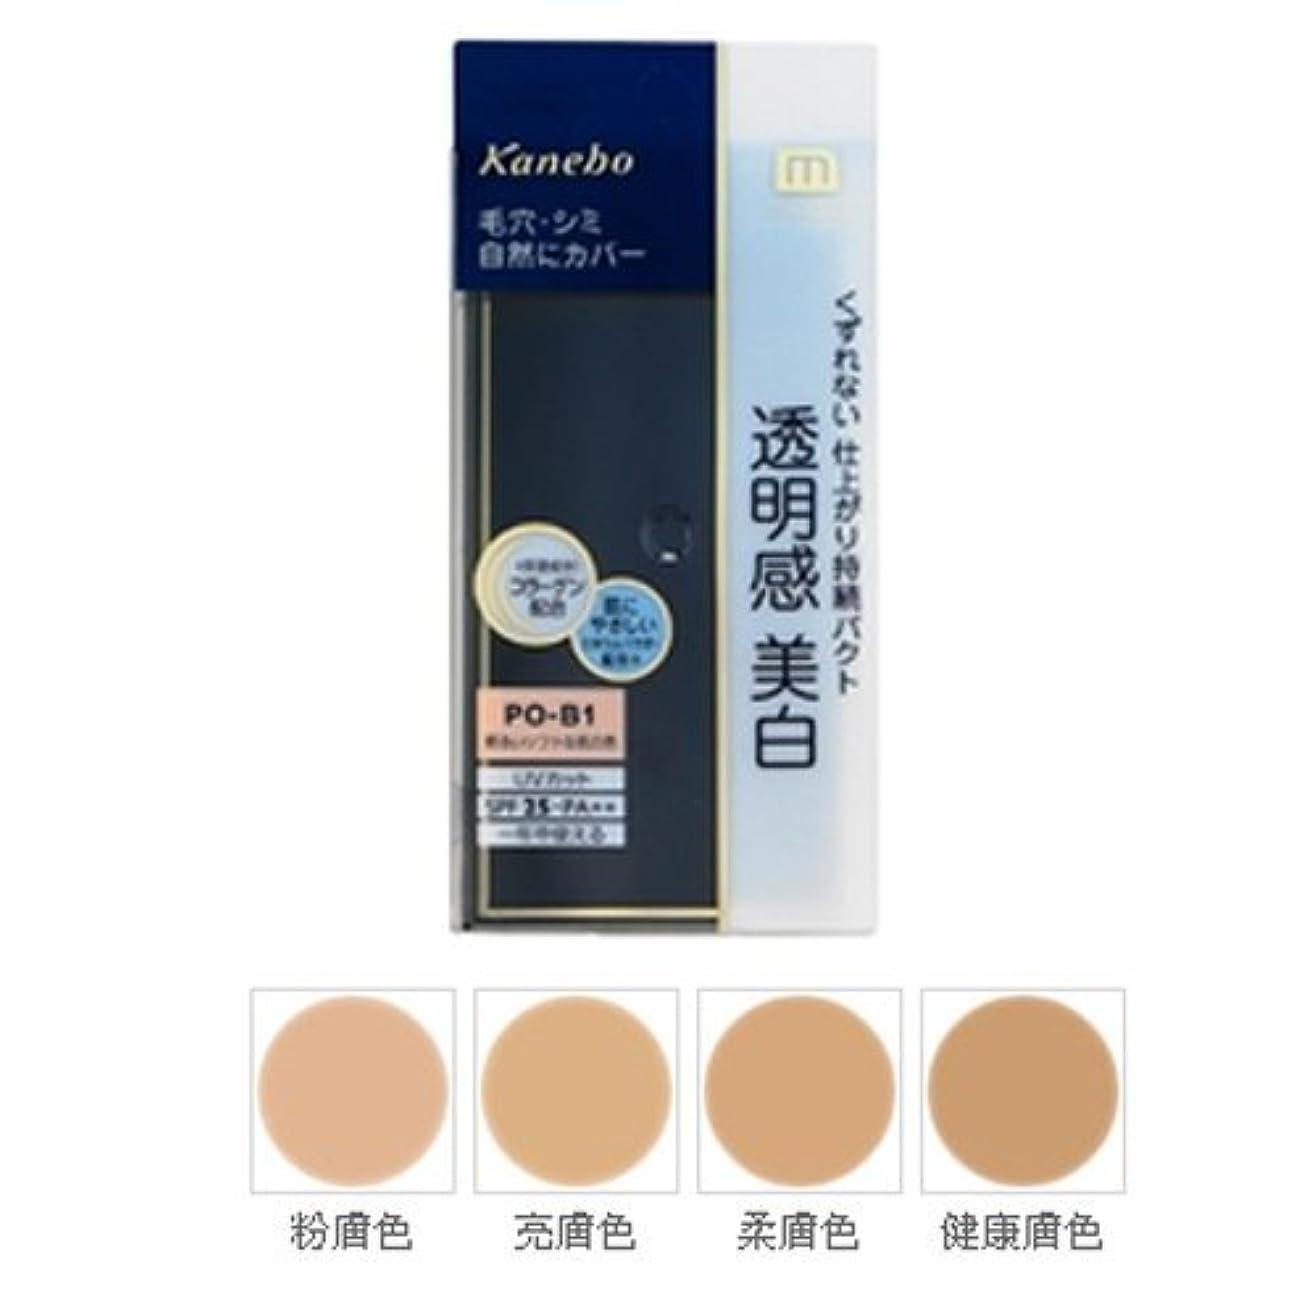 チャット慎重にぬいぐるみカネボウ メディア(media)ホワイトニングパクトA III カラー:OC-E1